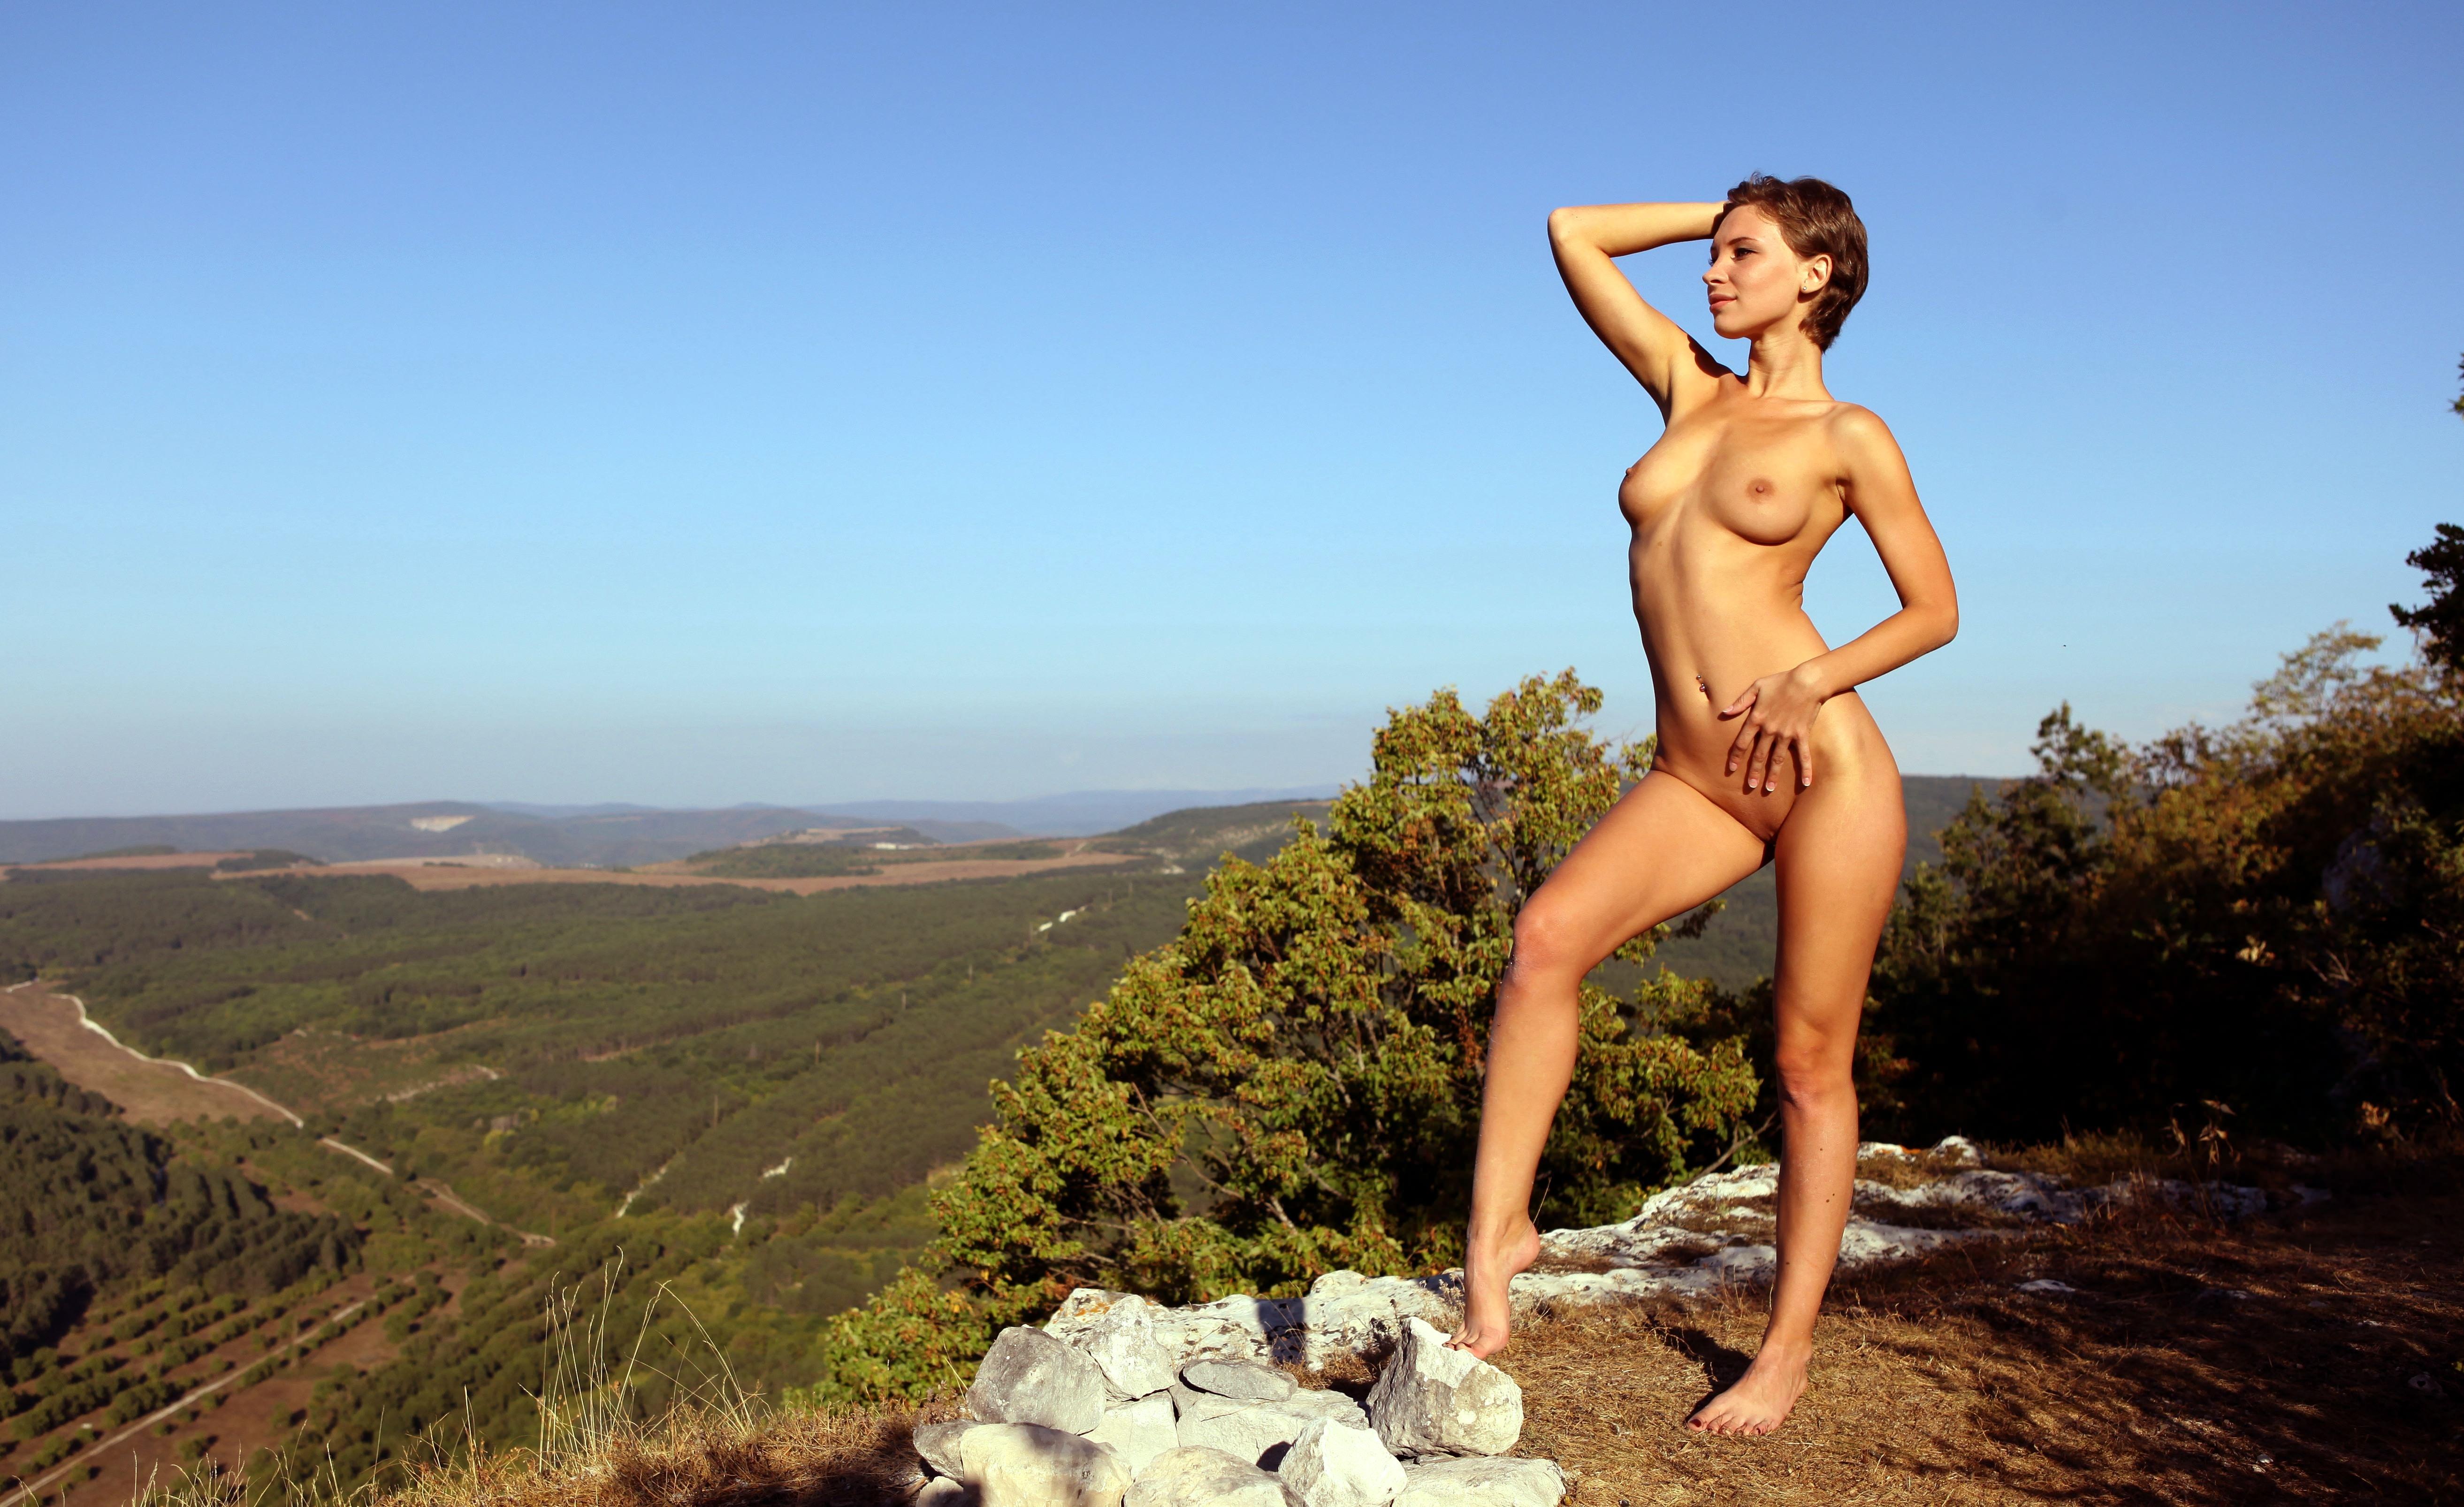 Фото Голая девчонка любуется видом с возвышенности, бескрайние зеленые поля, сексуальная тело, голубое небо, скачать картинку бесплатно